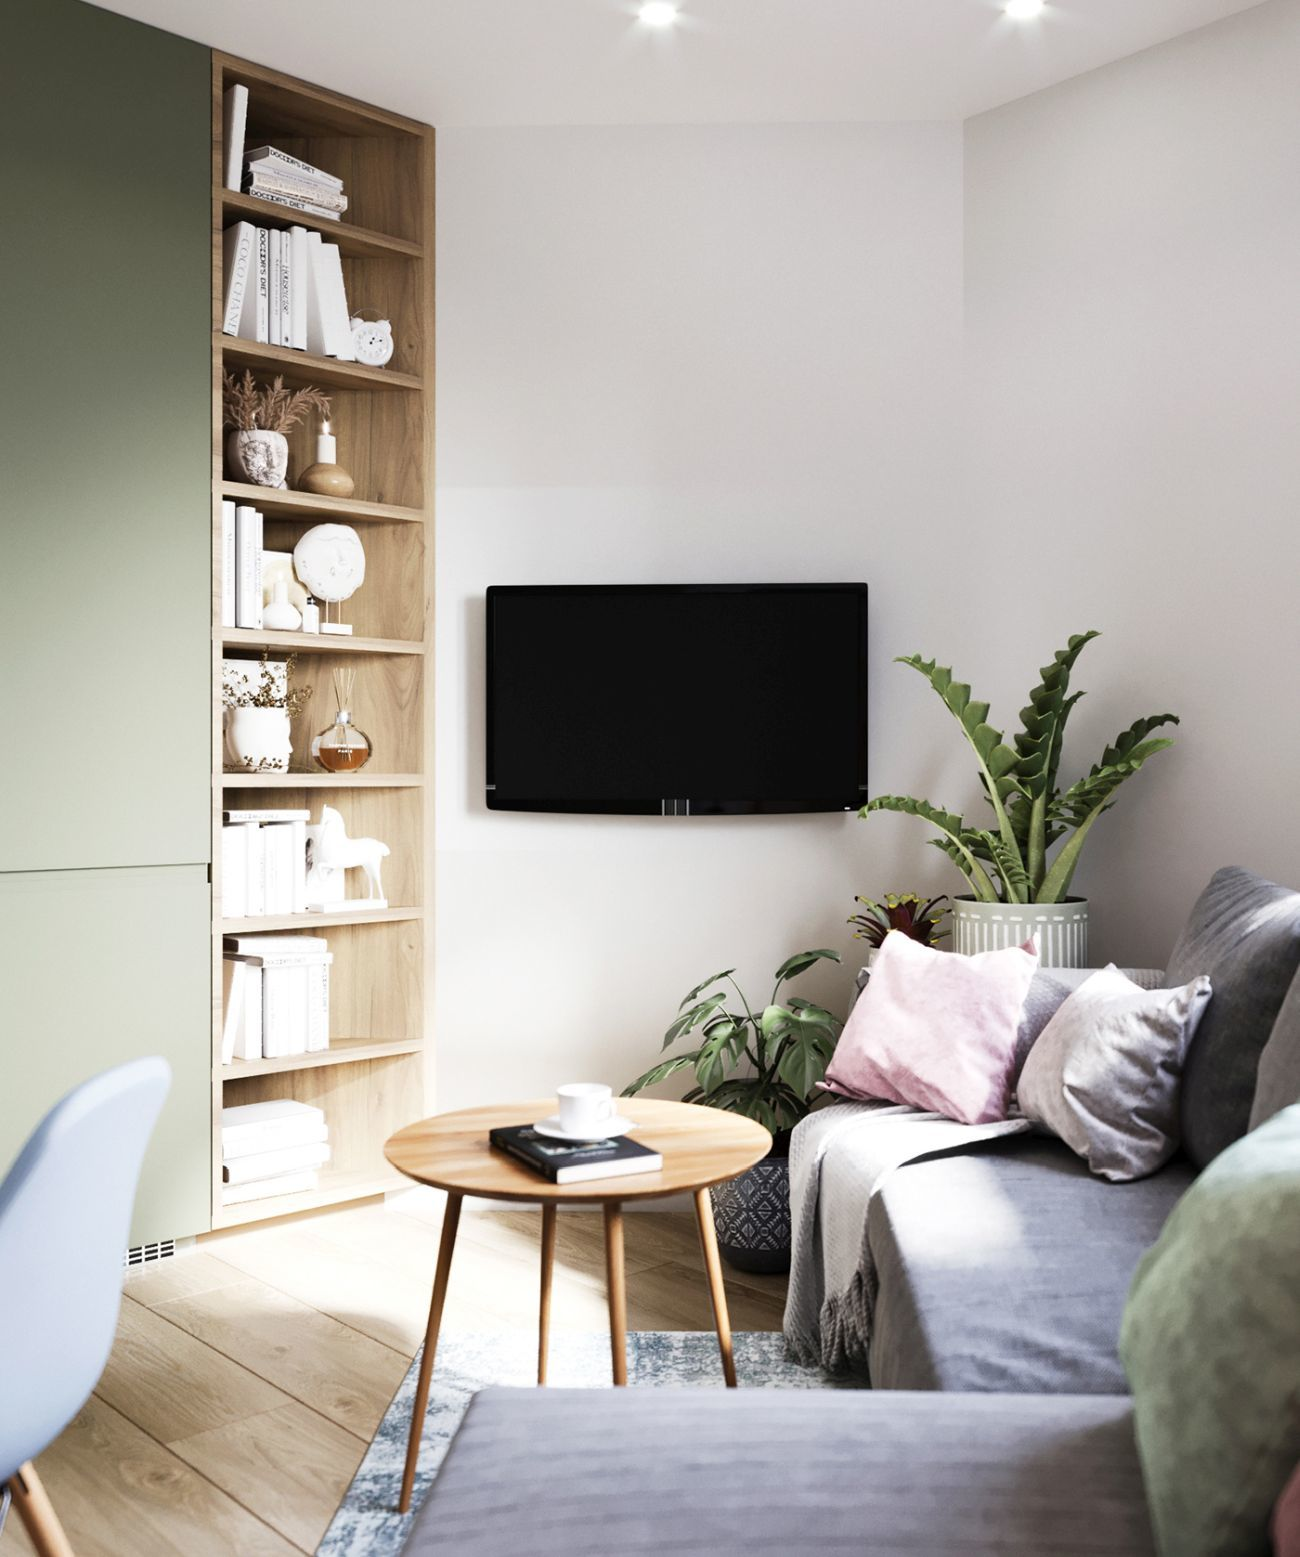 A tévé a kanapéról és az étkezőből is jól látható